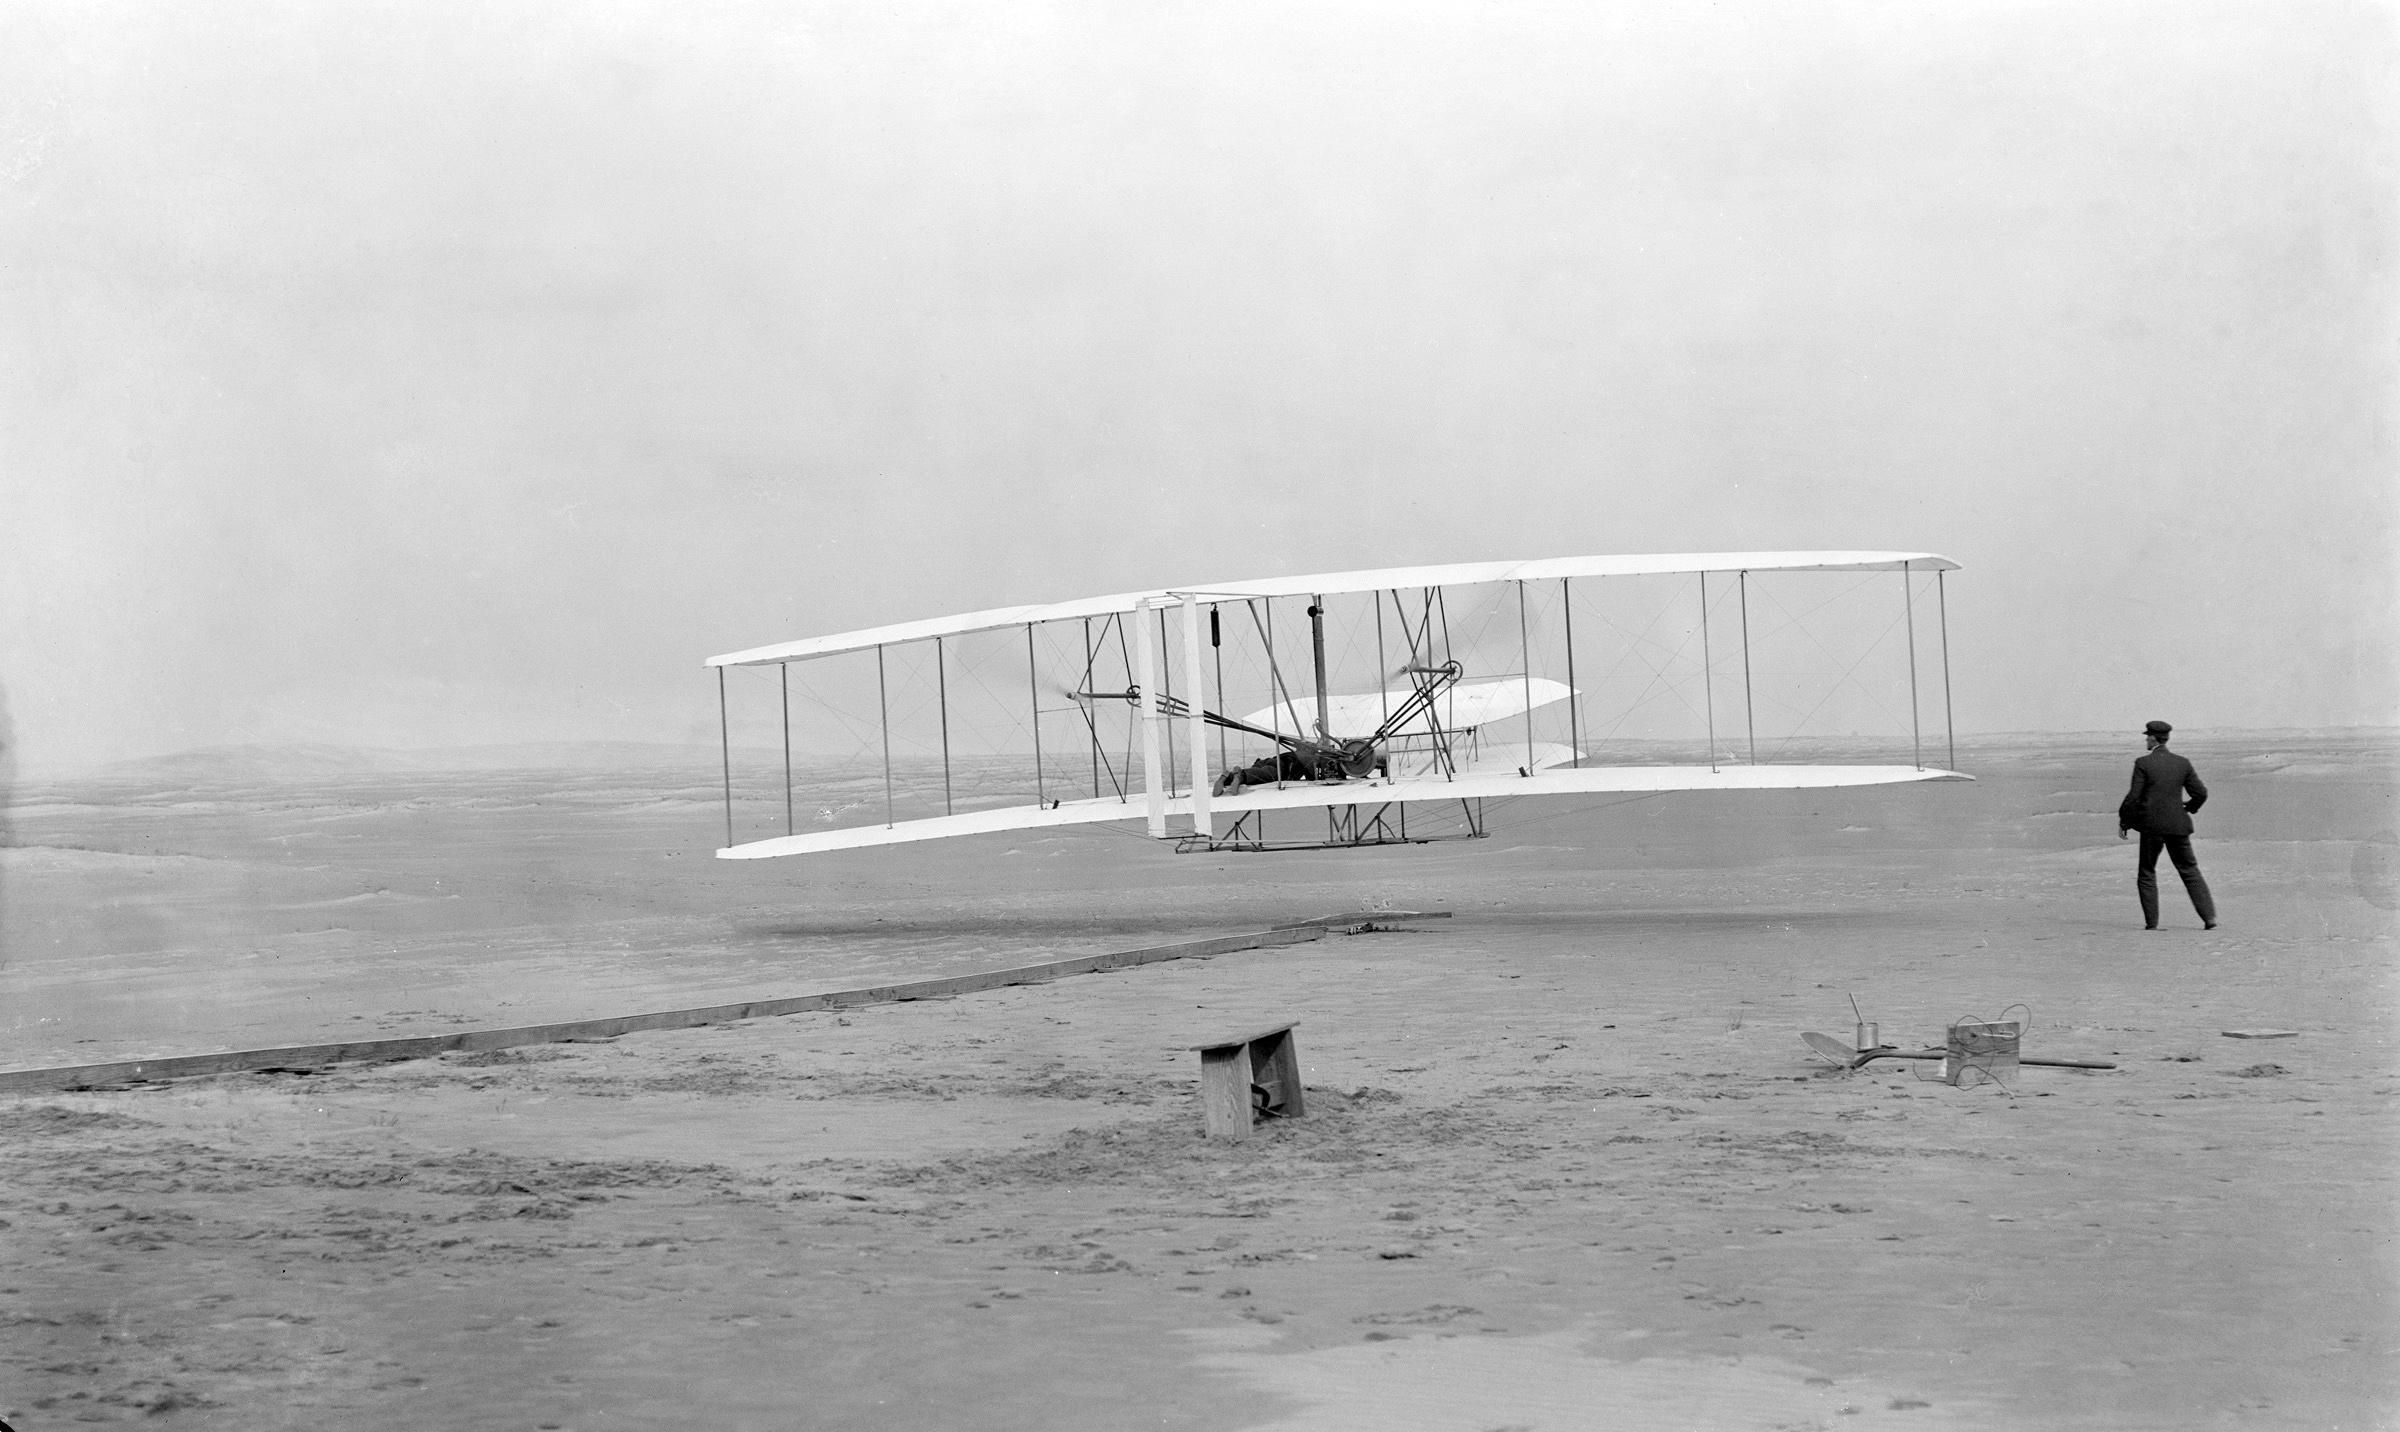 莱特兄弟的飞机图片